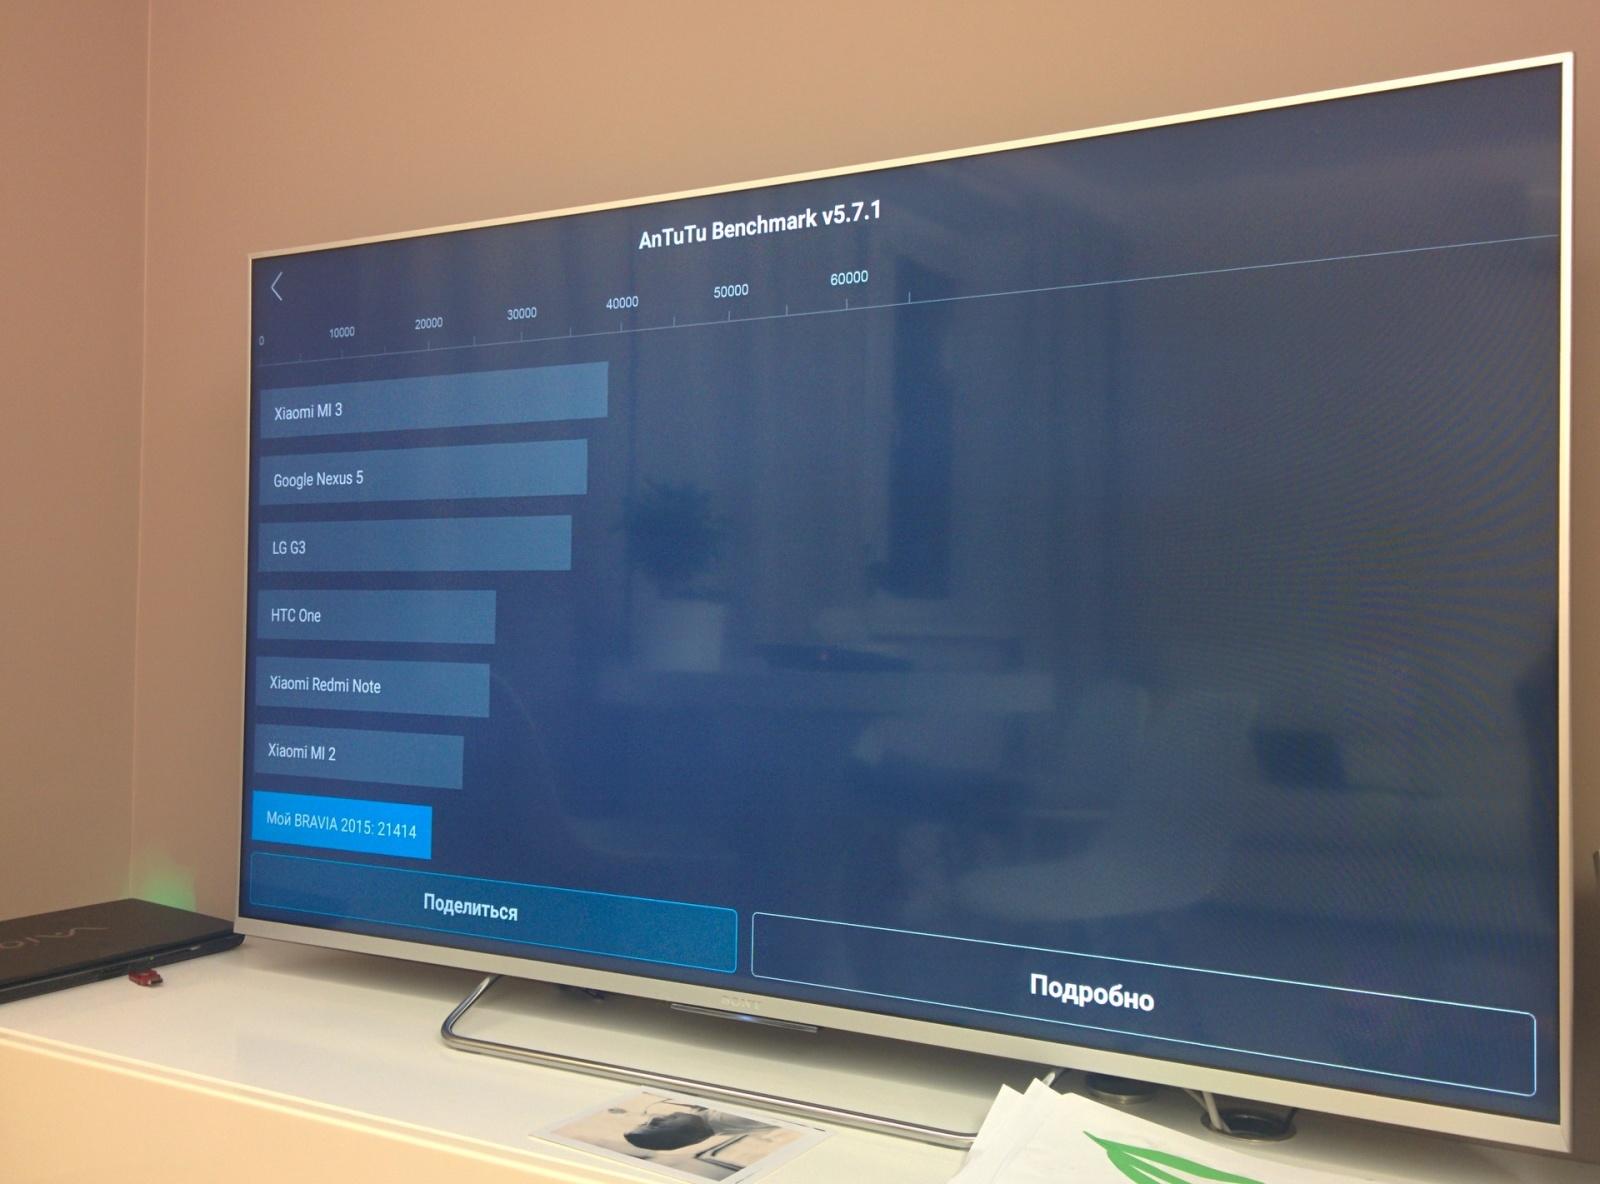 Обзор true Android TV на примере Sony 55w807c - 15